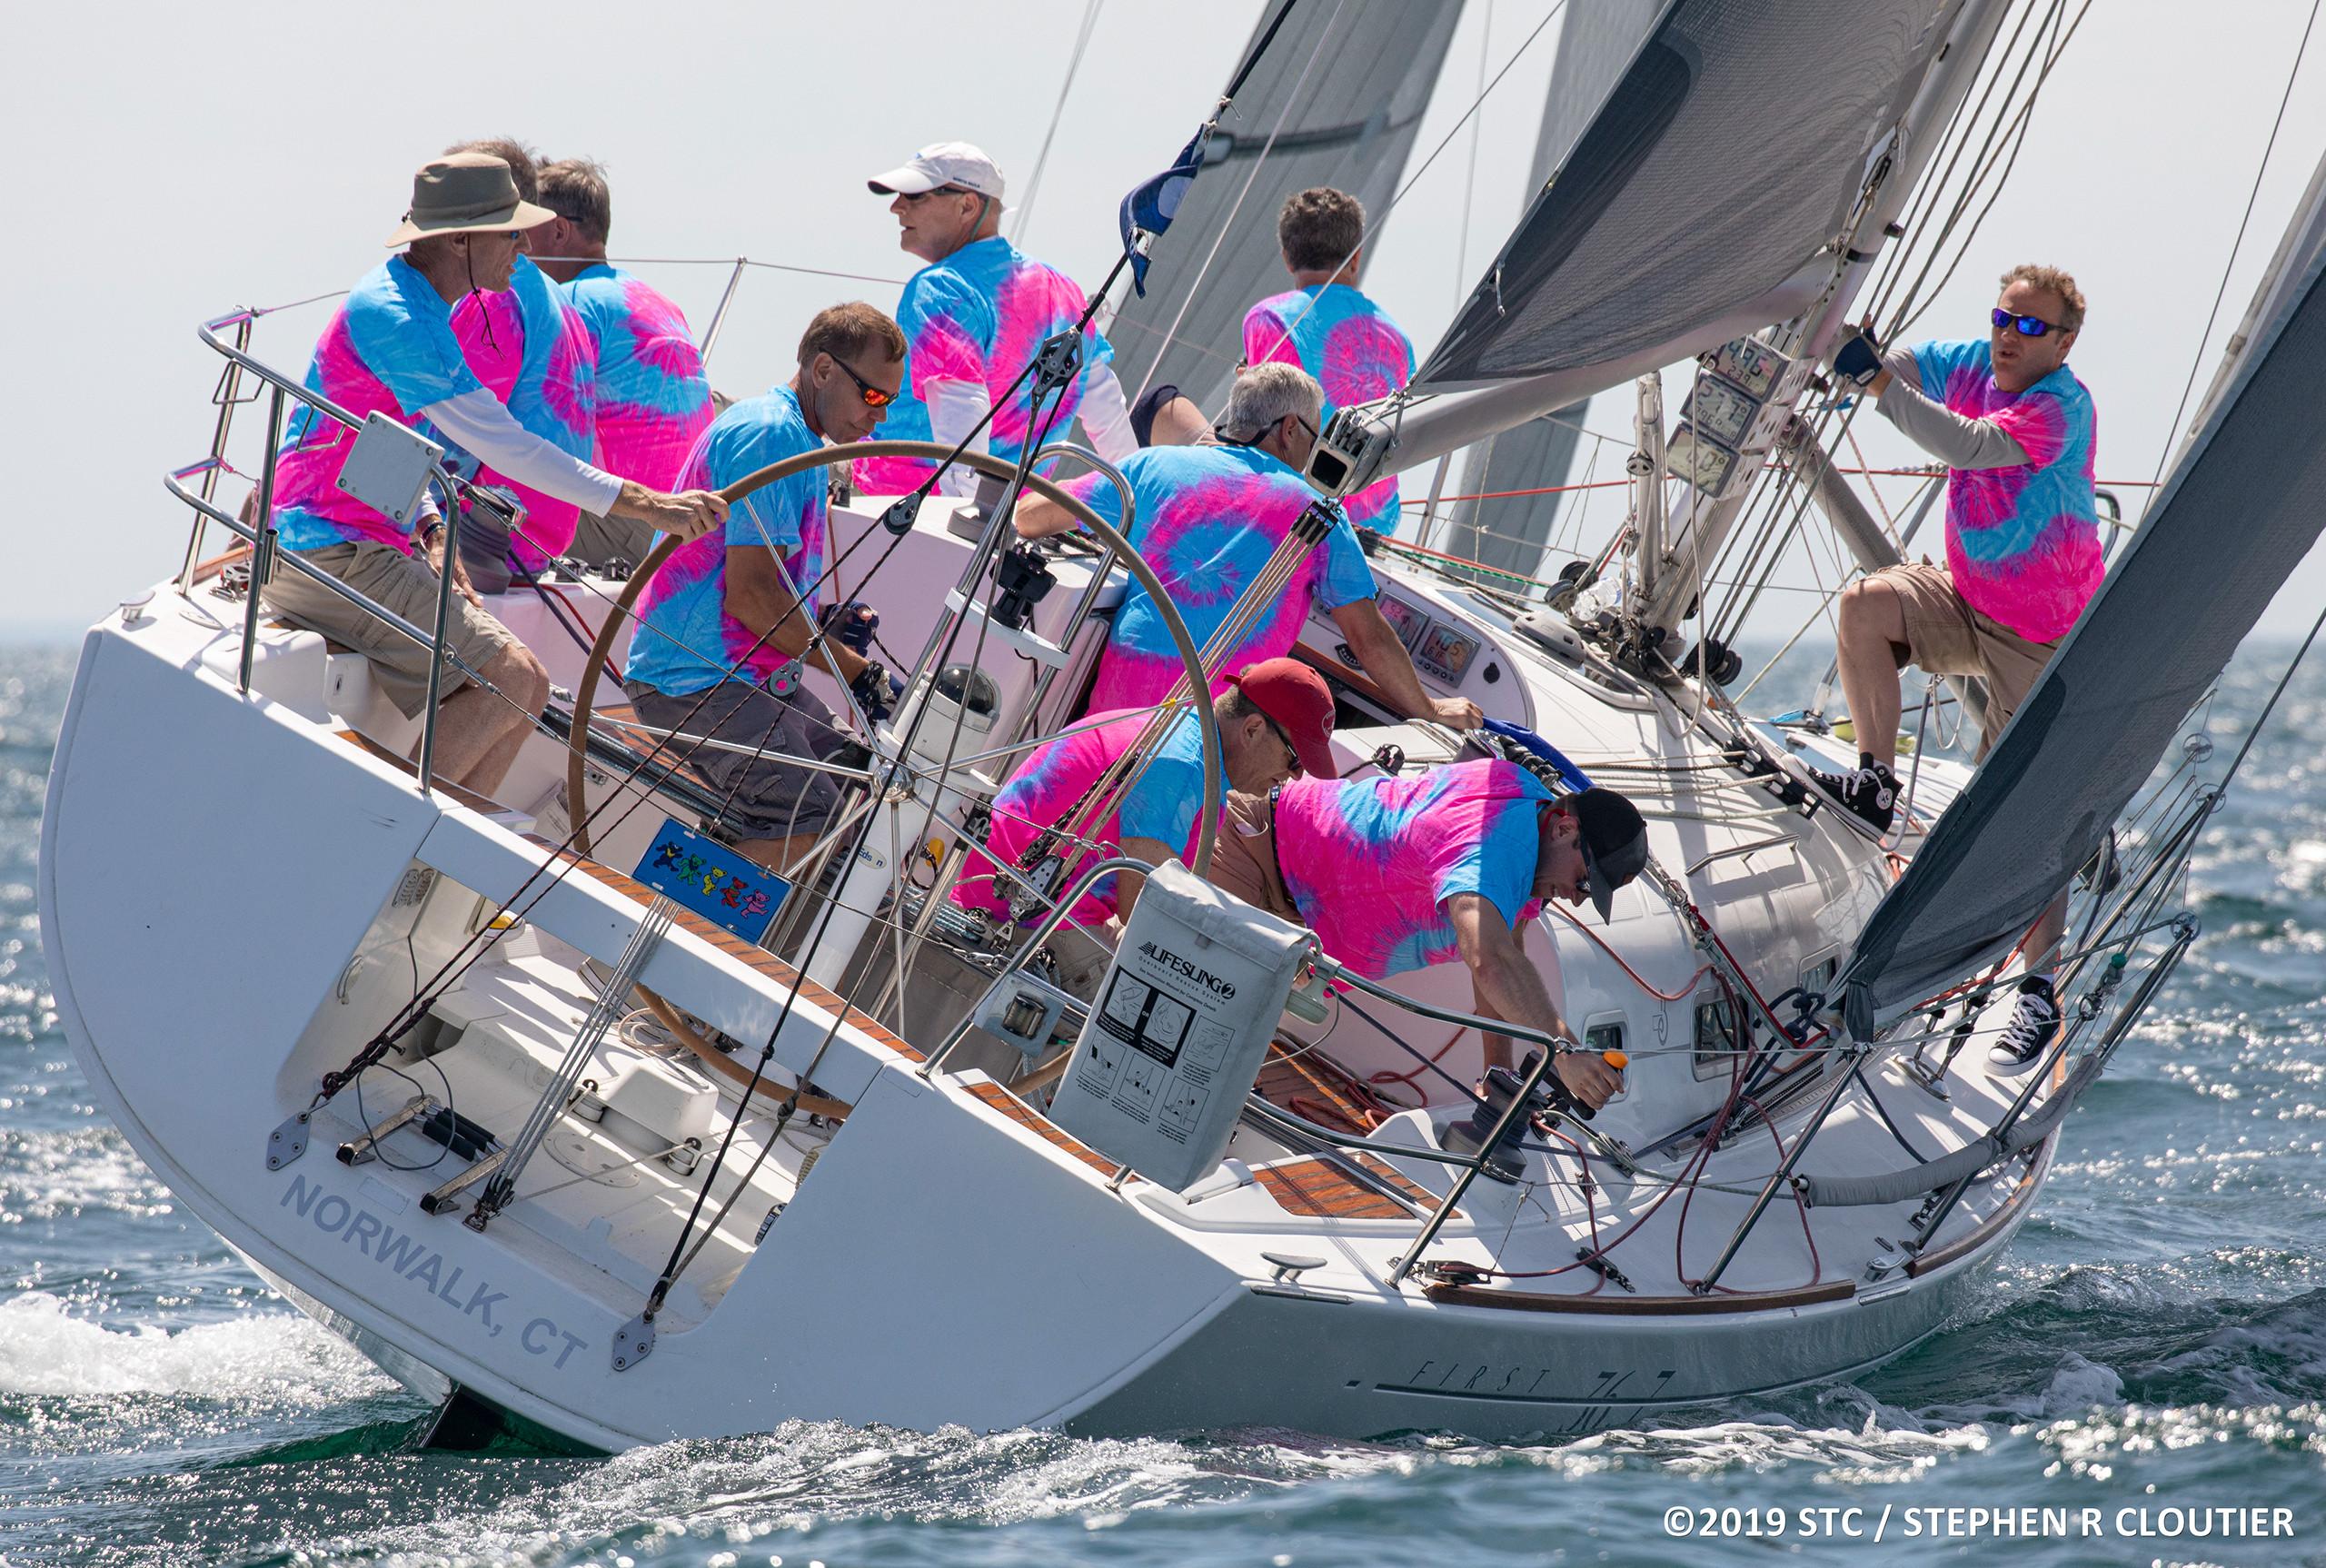 All Things Sailing, Sail Racing, Sailboats and More